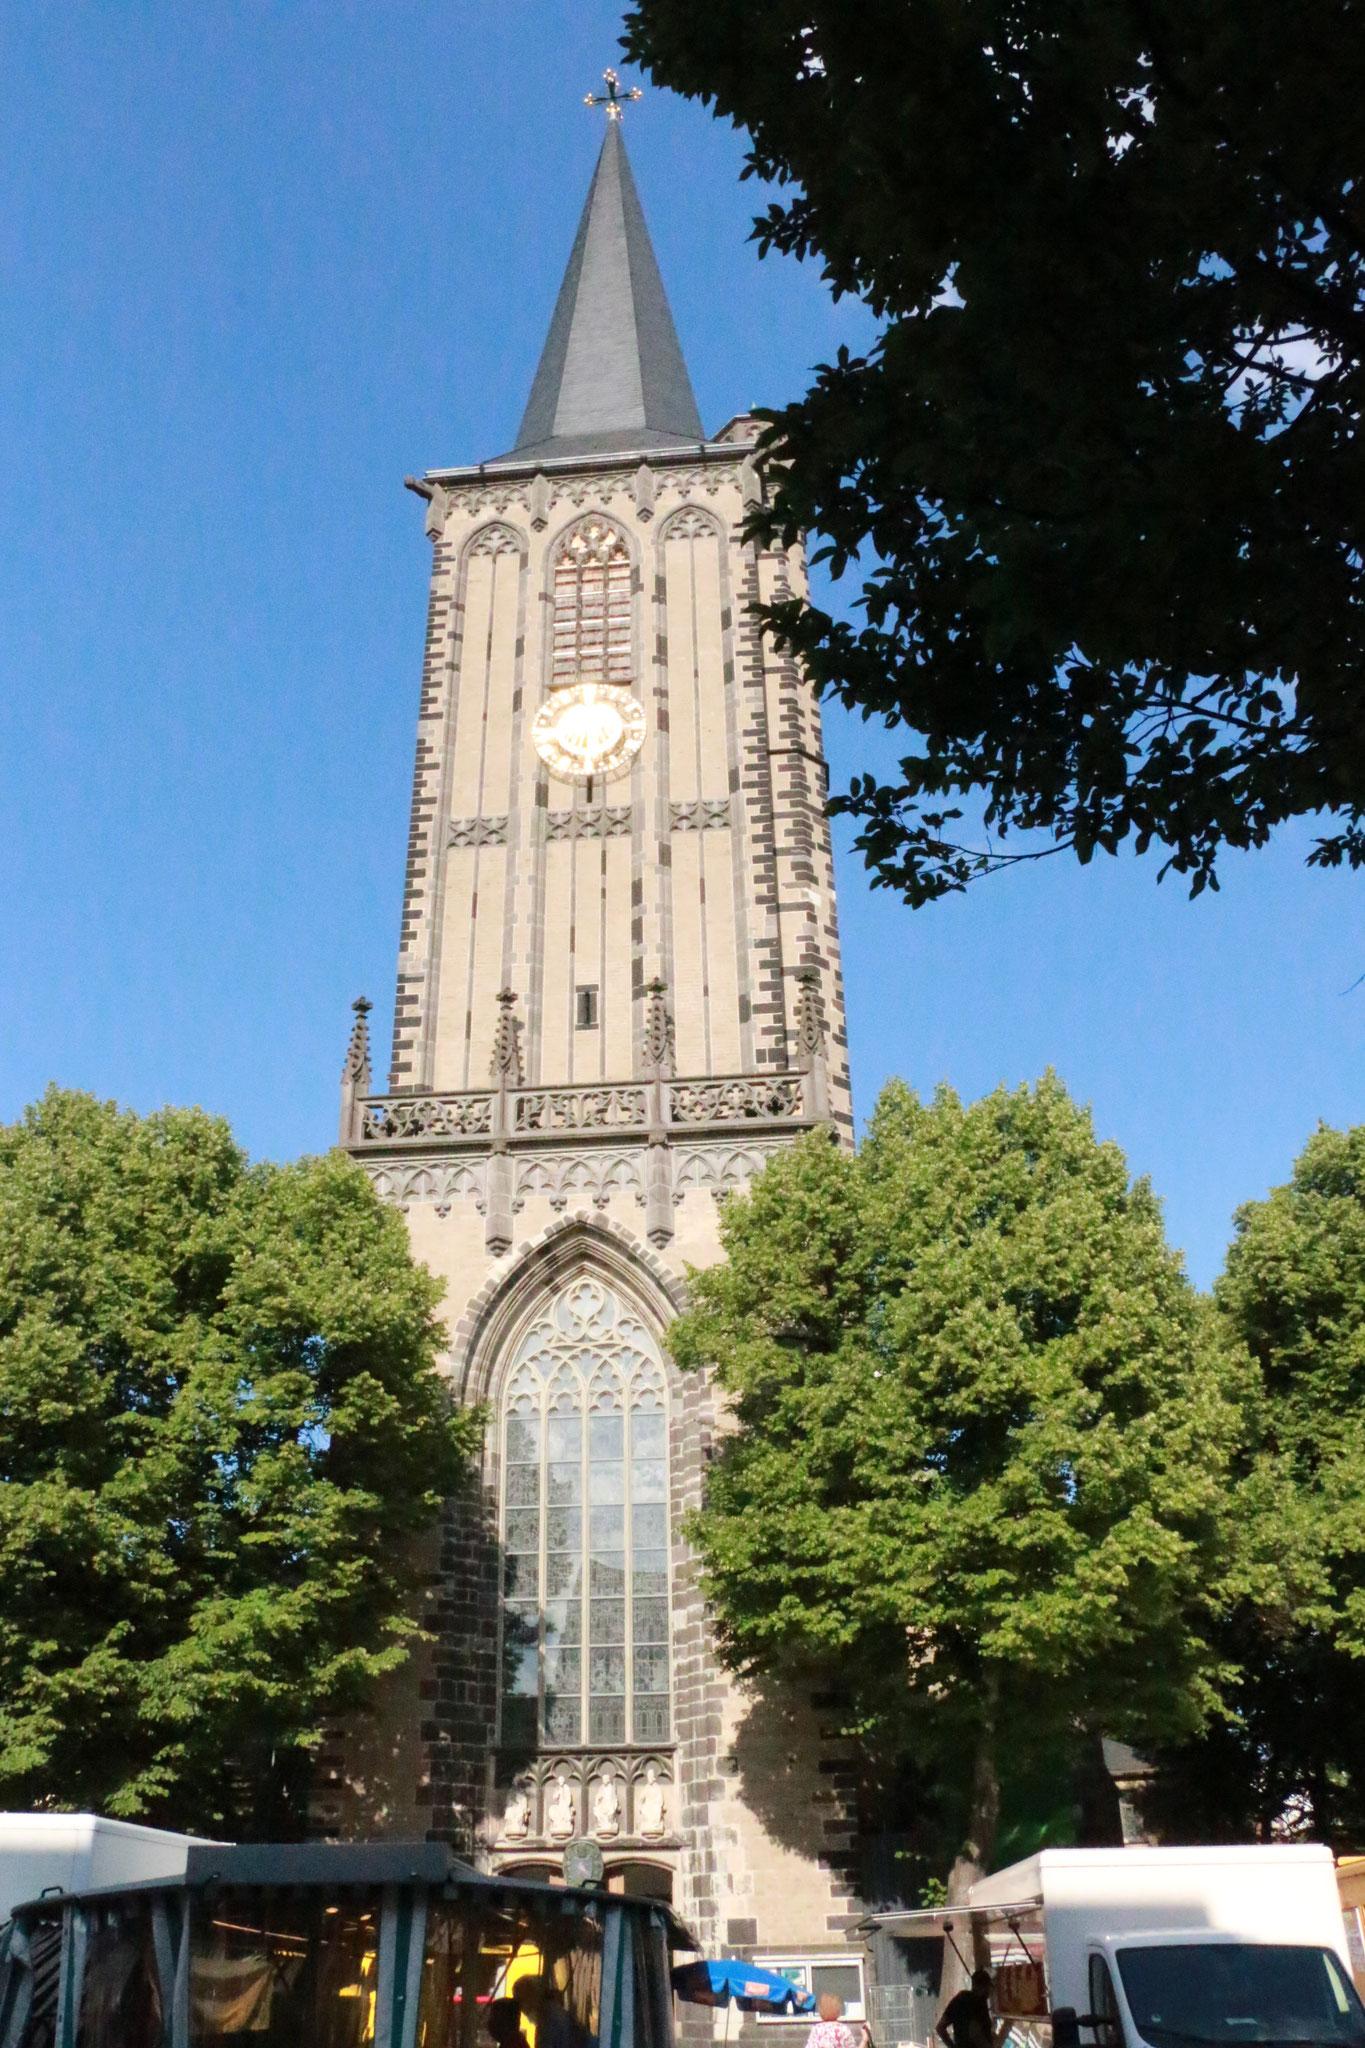 Führung Romanische Kirchen - St. Severin (nahe Chlodwigplatz)